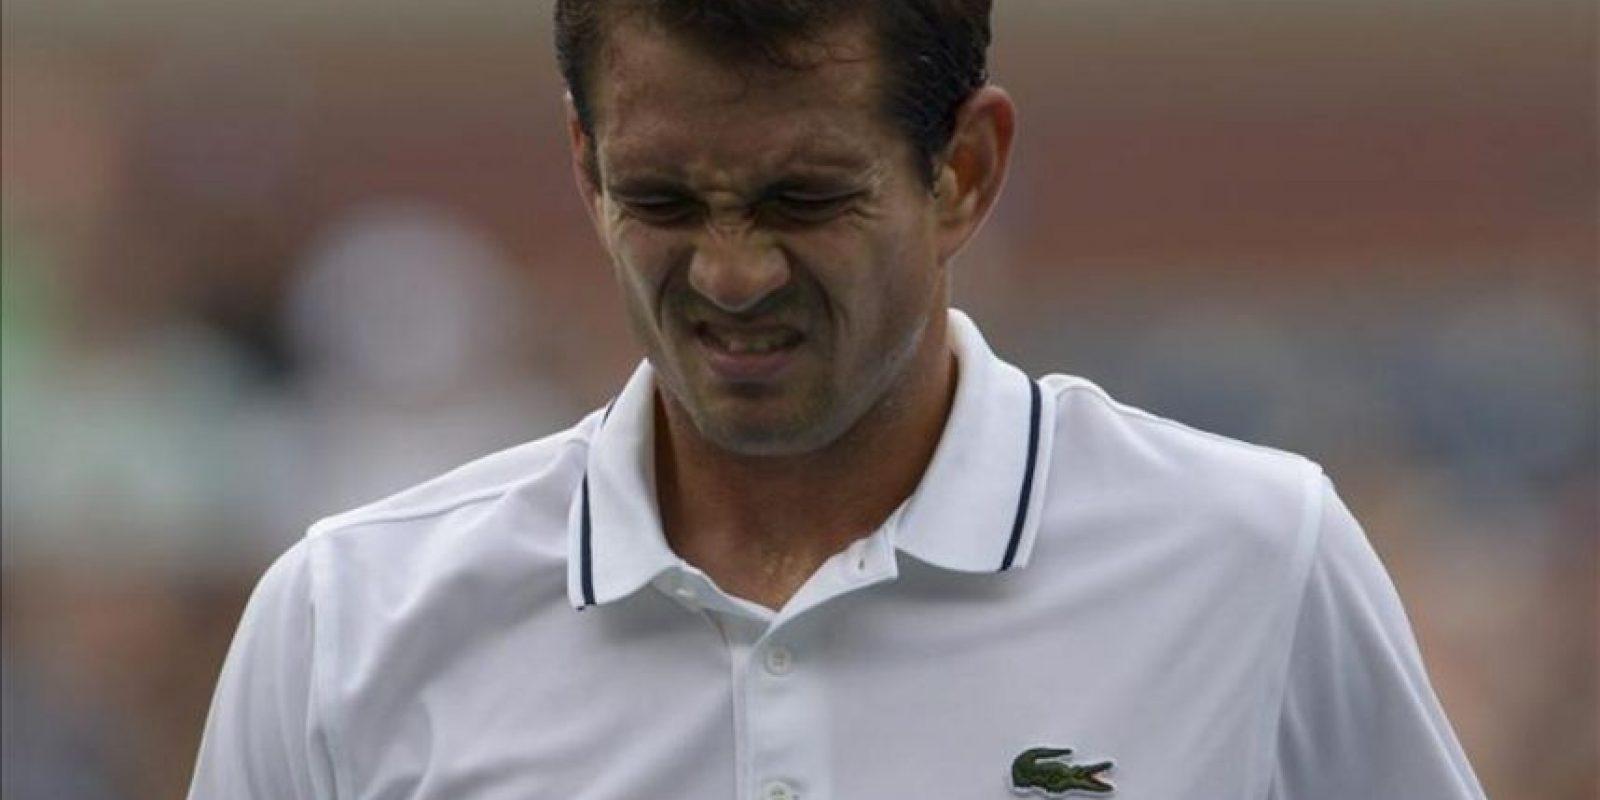 El tenista español Guillermo García-López reacciona tras una jugada ante el argentino Juan Martin Del Potro, durante un partido en el tercer día del Abierto de Estados Unidos, en el Centro Nacional de Tenis USTA en Flushing Meadows, Nueva York (EE.UU.). EFE